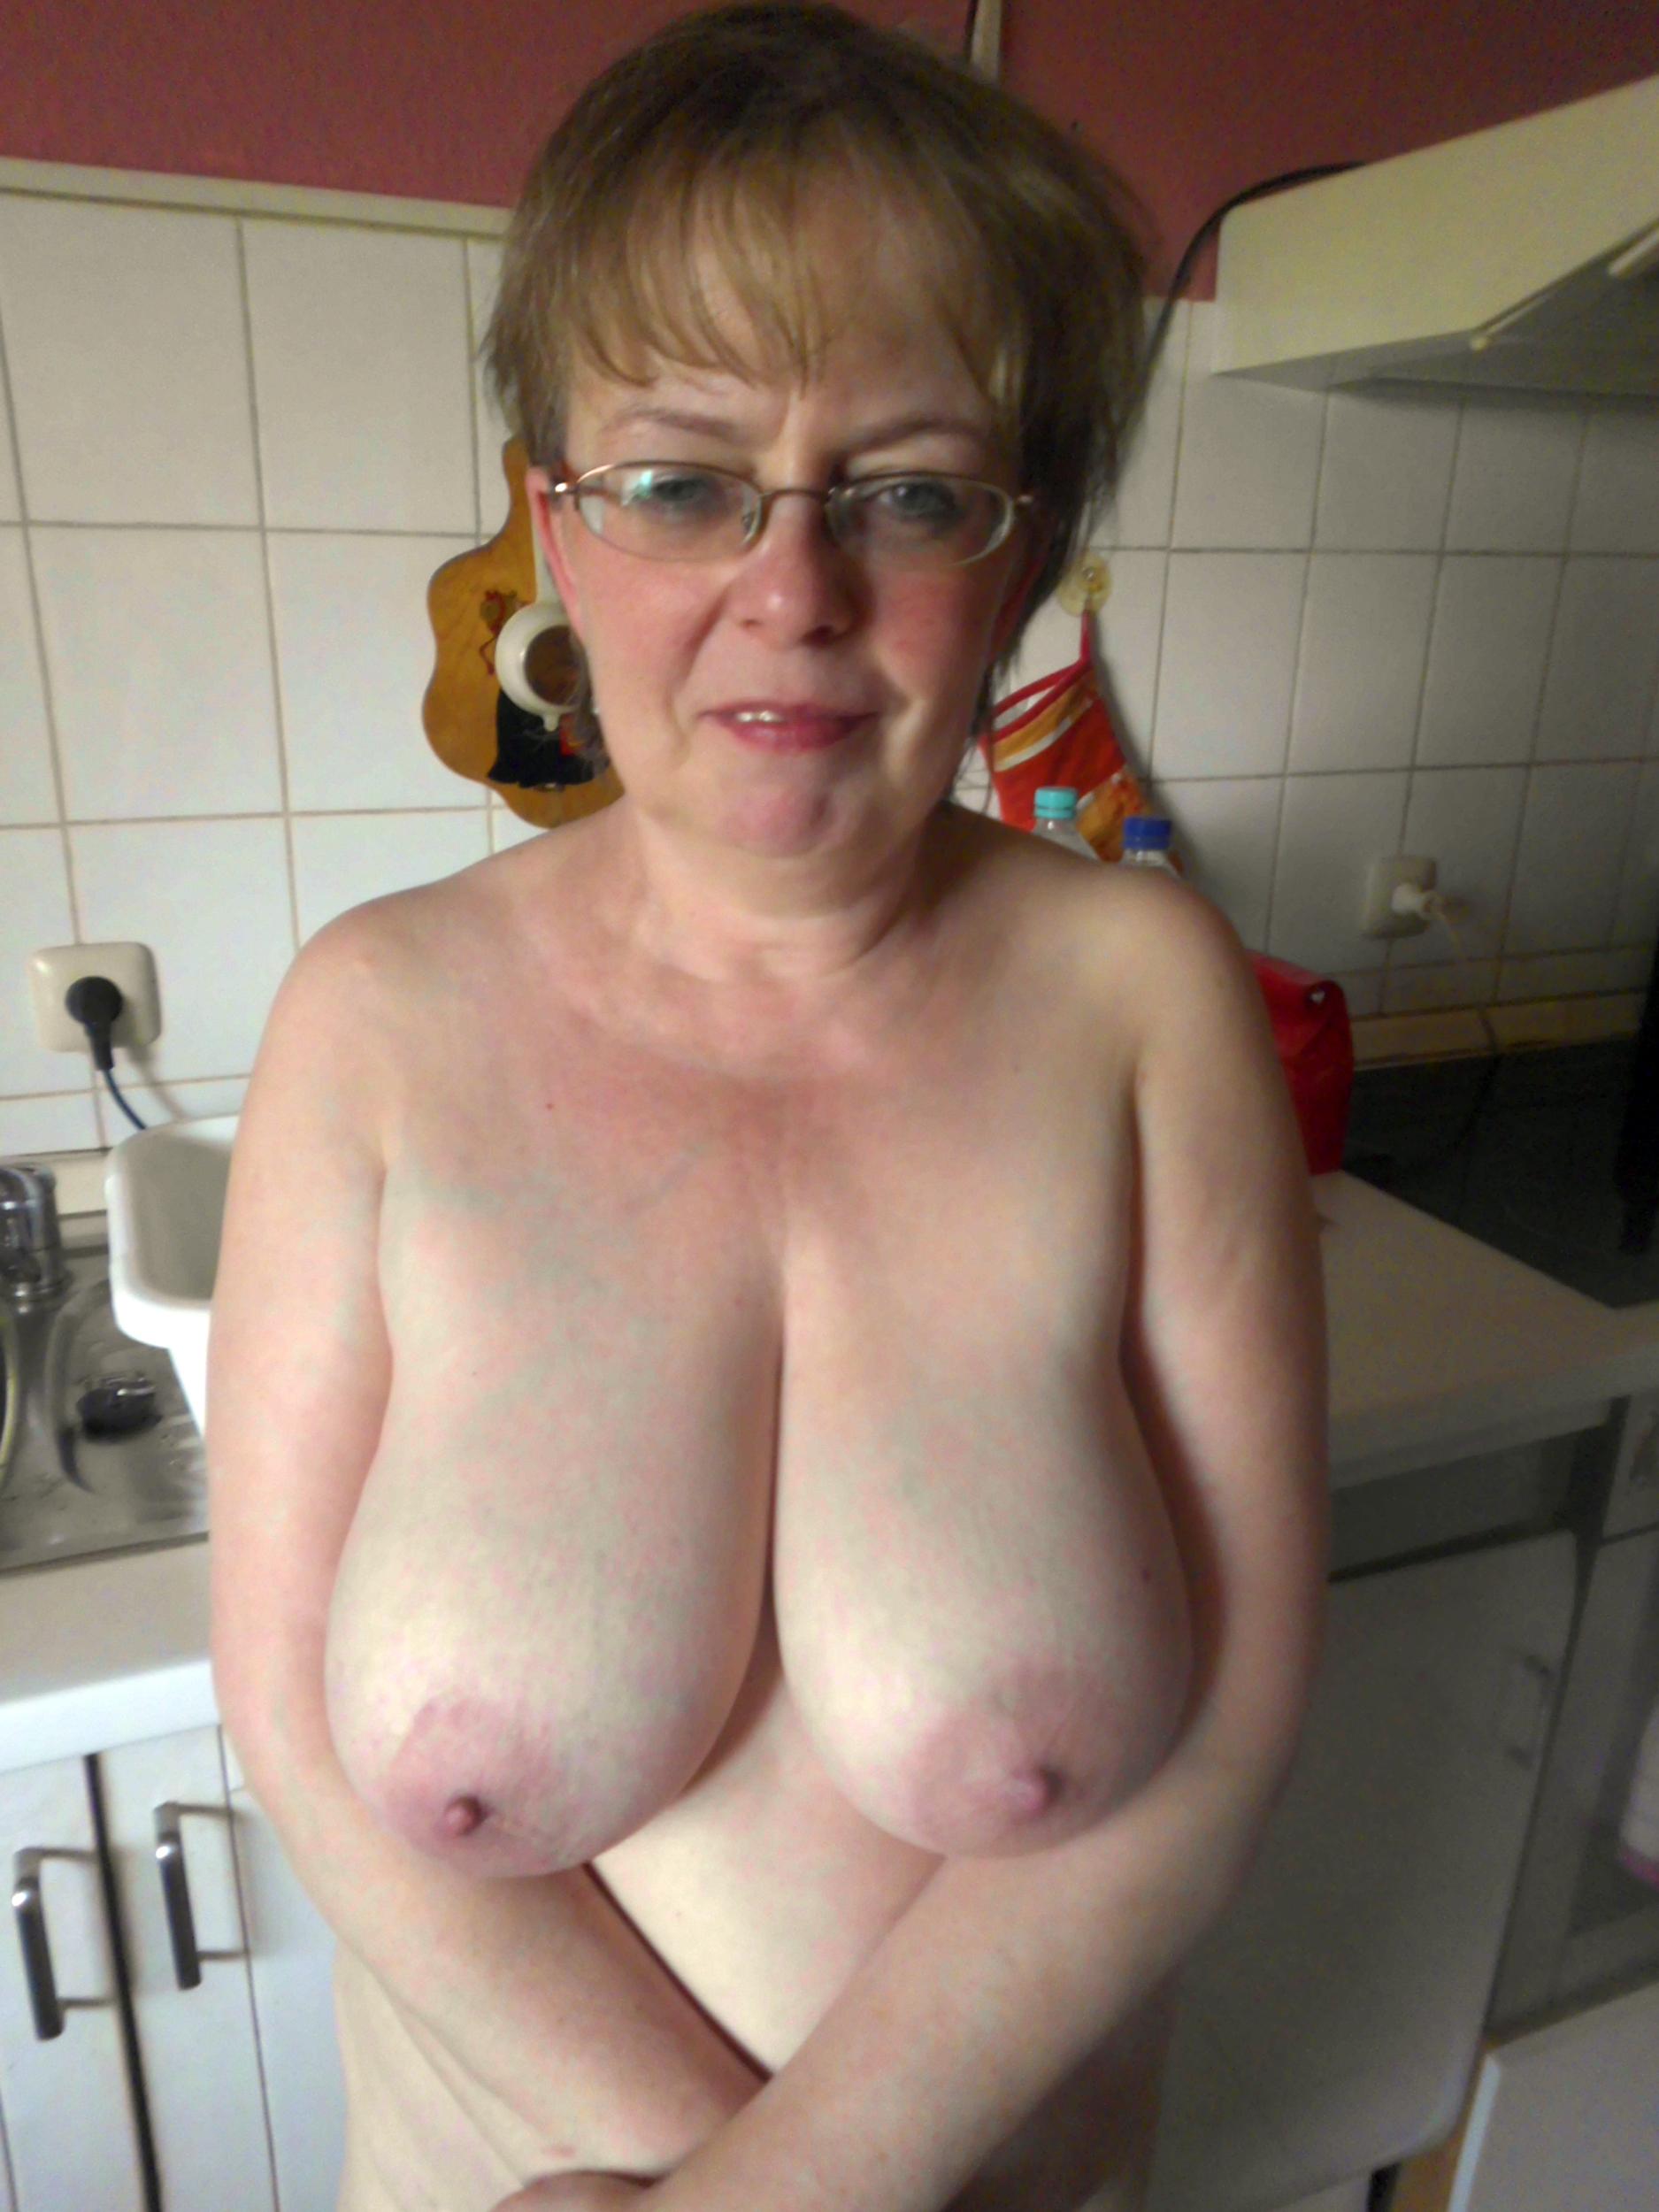 Xxx Mature Big Natural Tits Pics Matureamateurpics Com